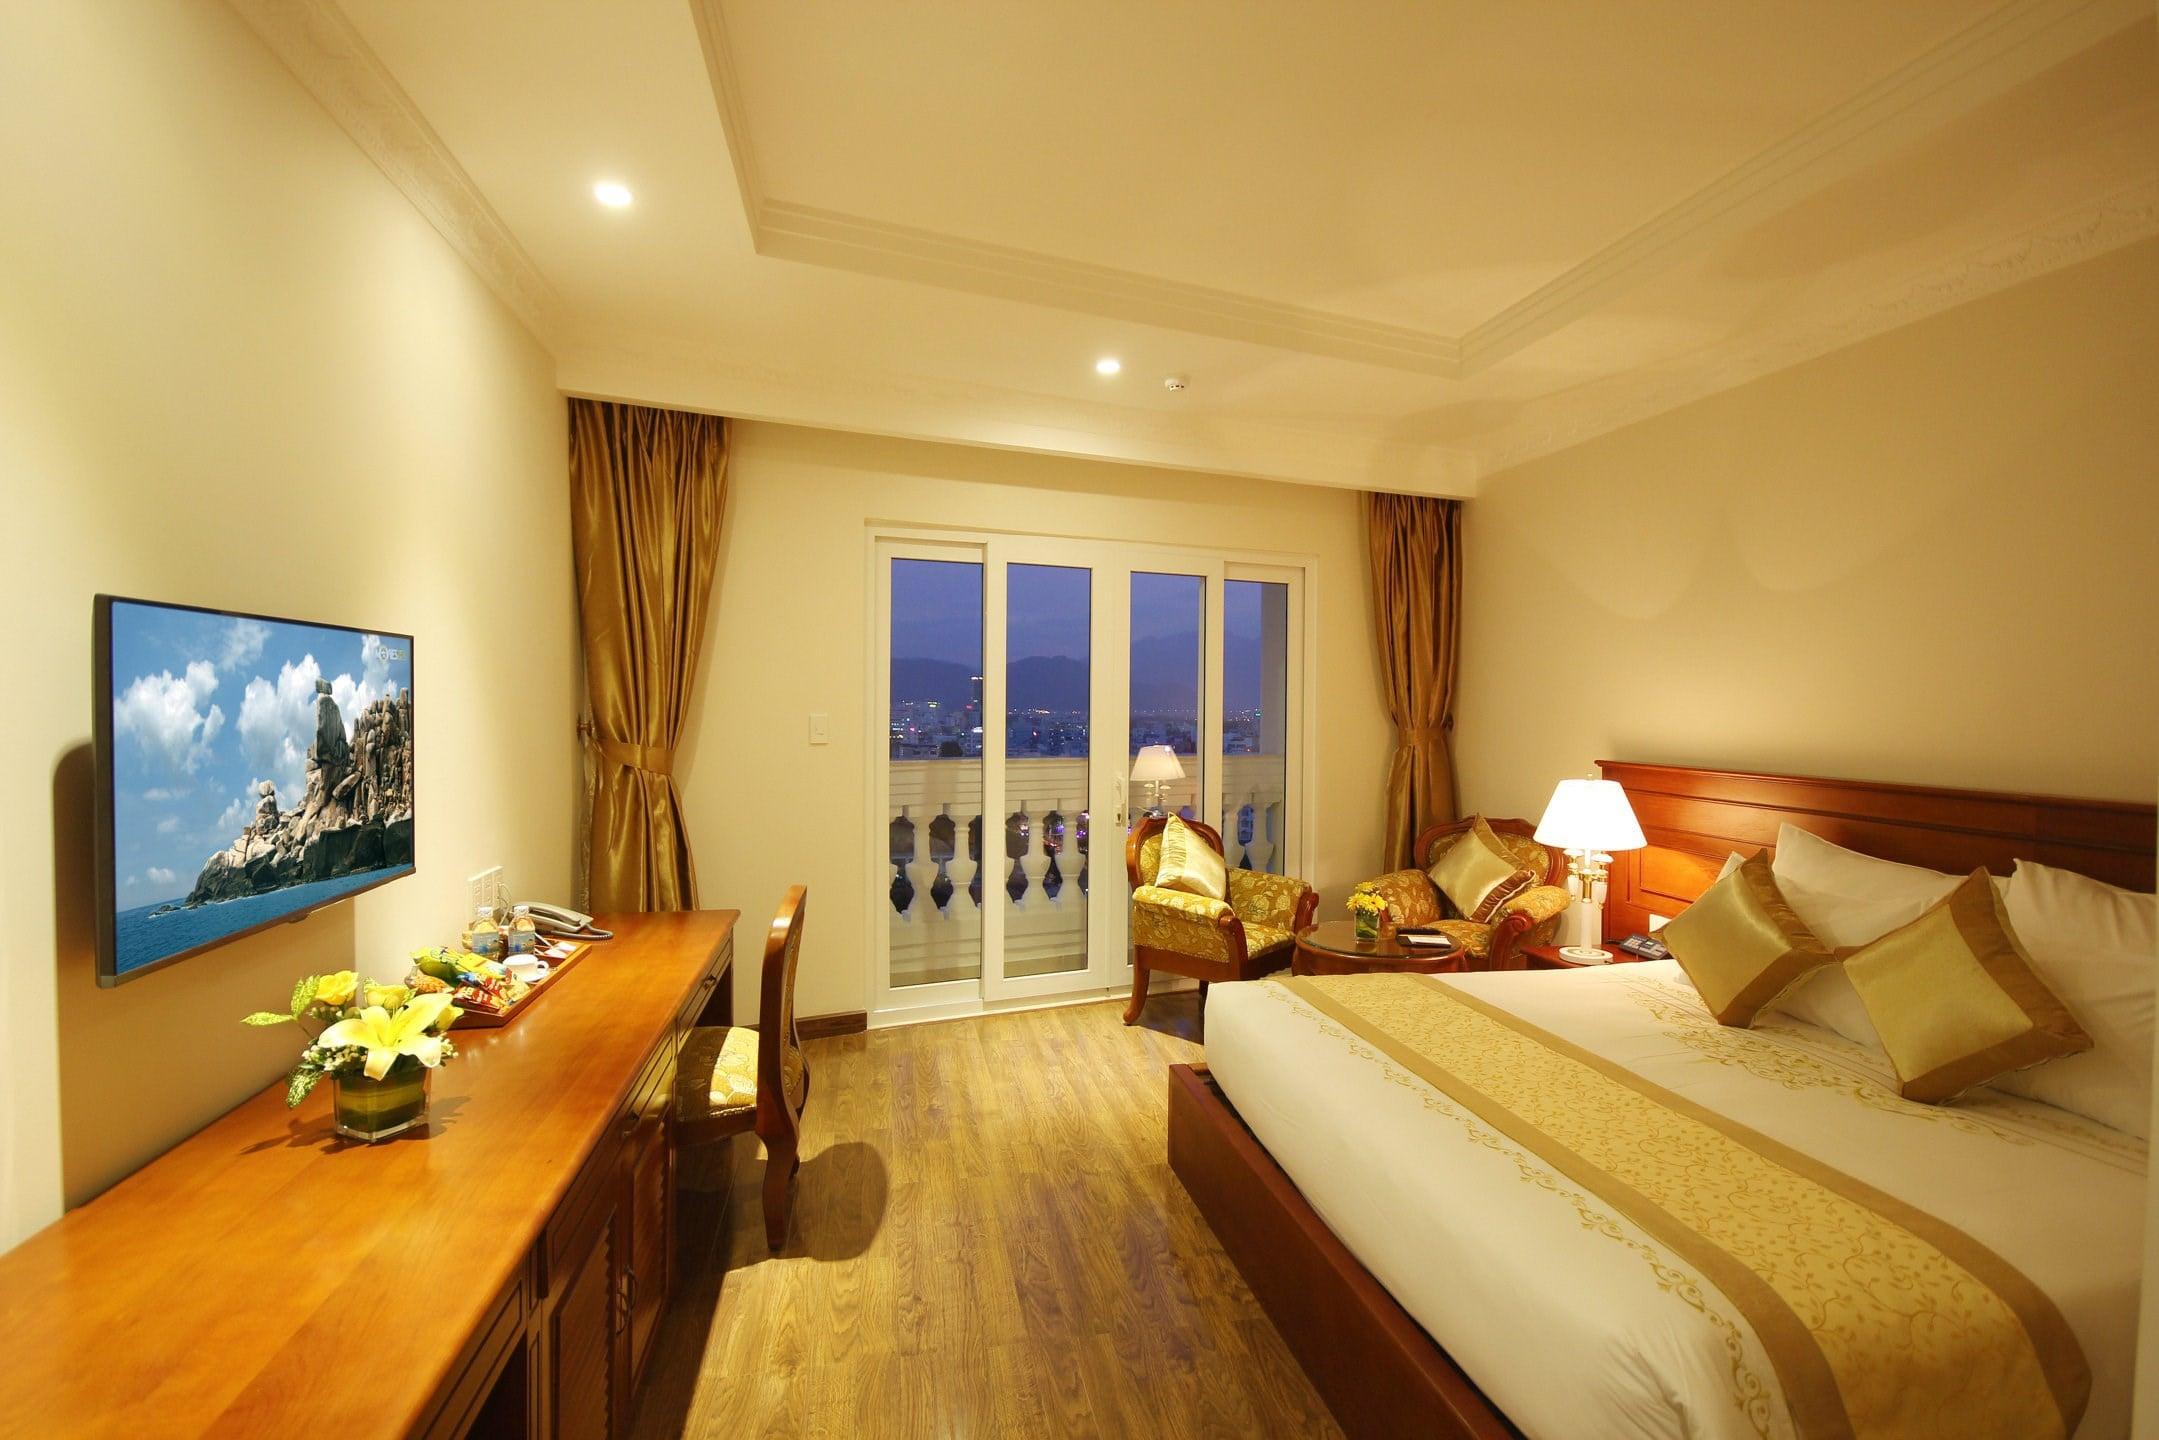 Khách Sạn Nha Trang Hướng Biển - Nha Trang Palace Hotel